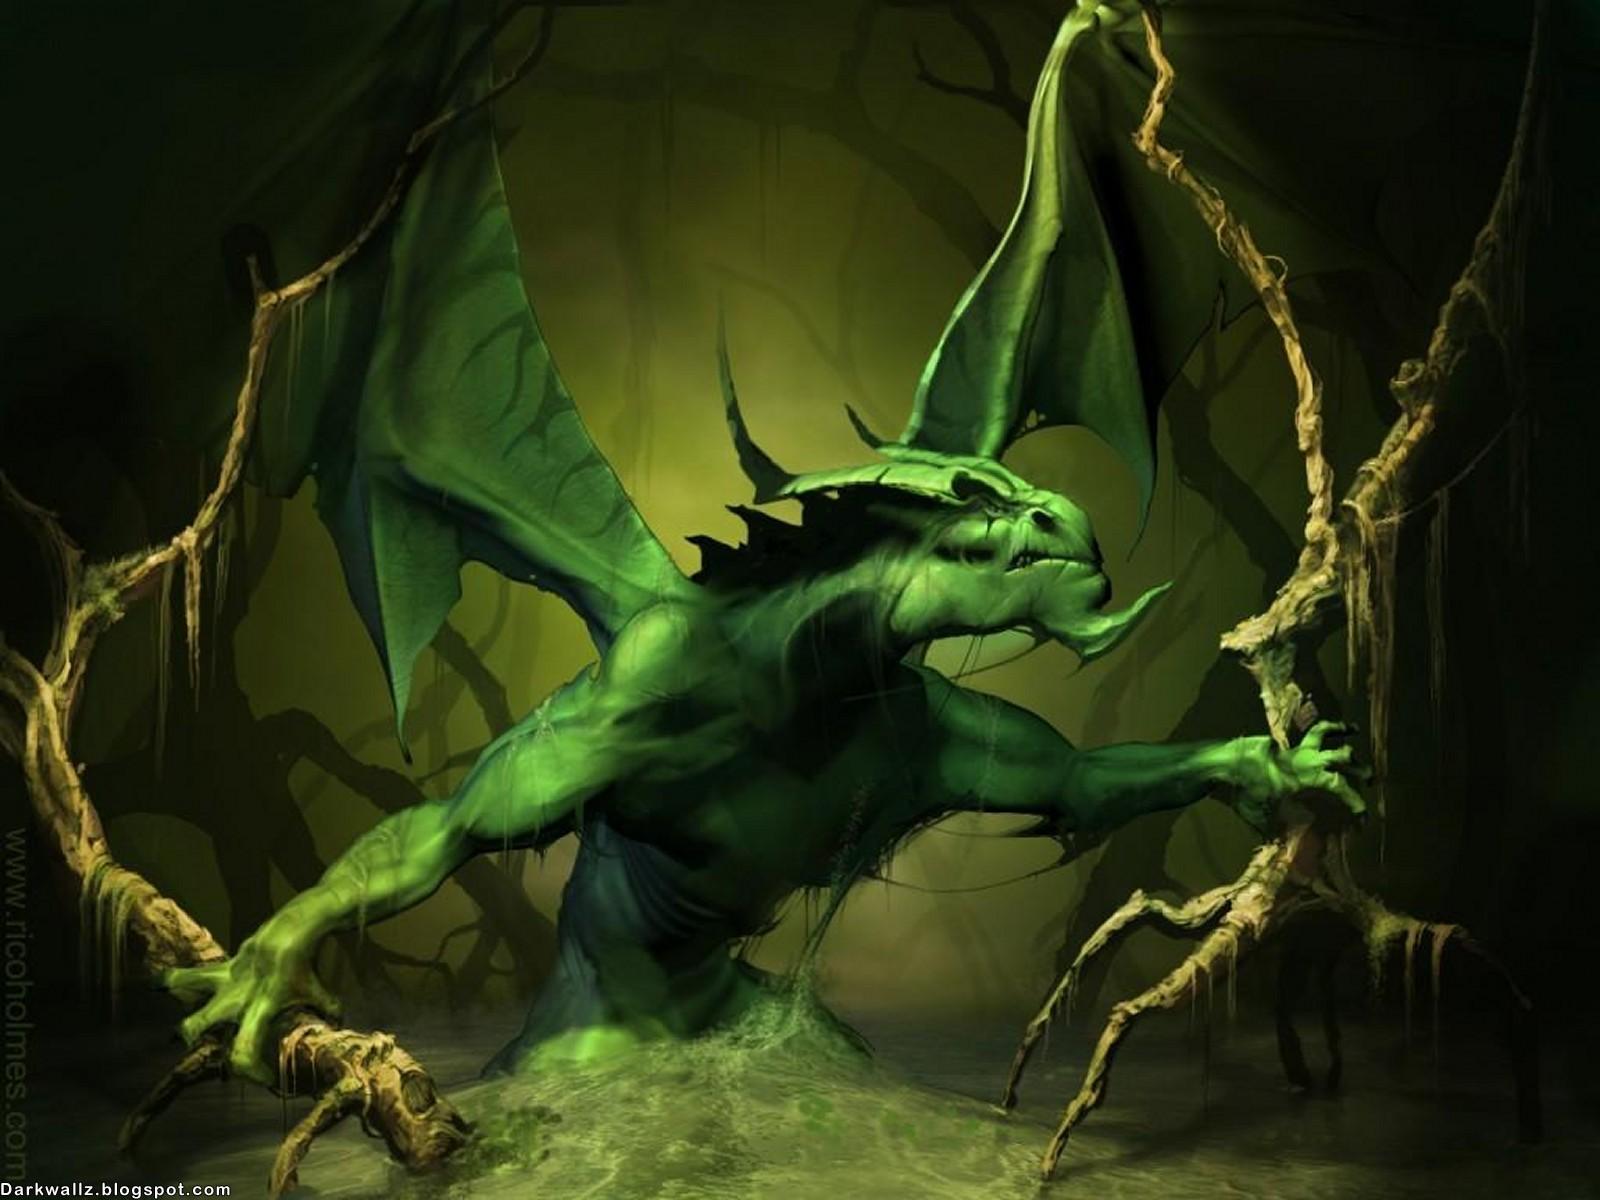 Dark Dragons Wallpapers 39| Dark Wallpaper Download